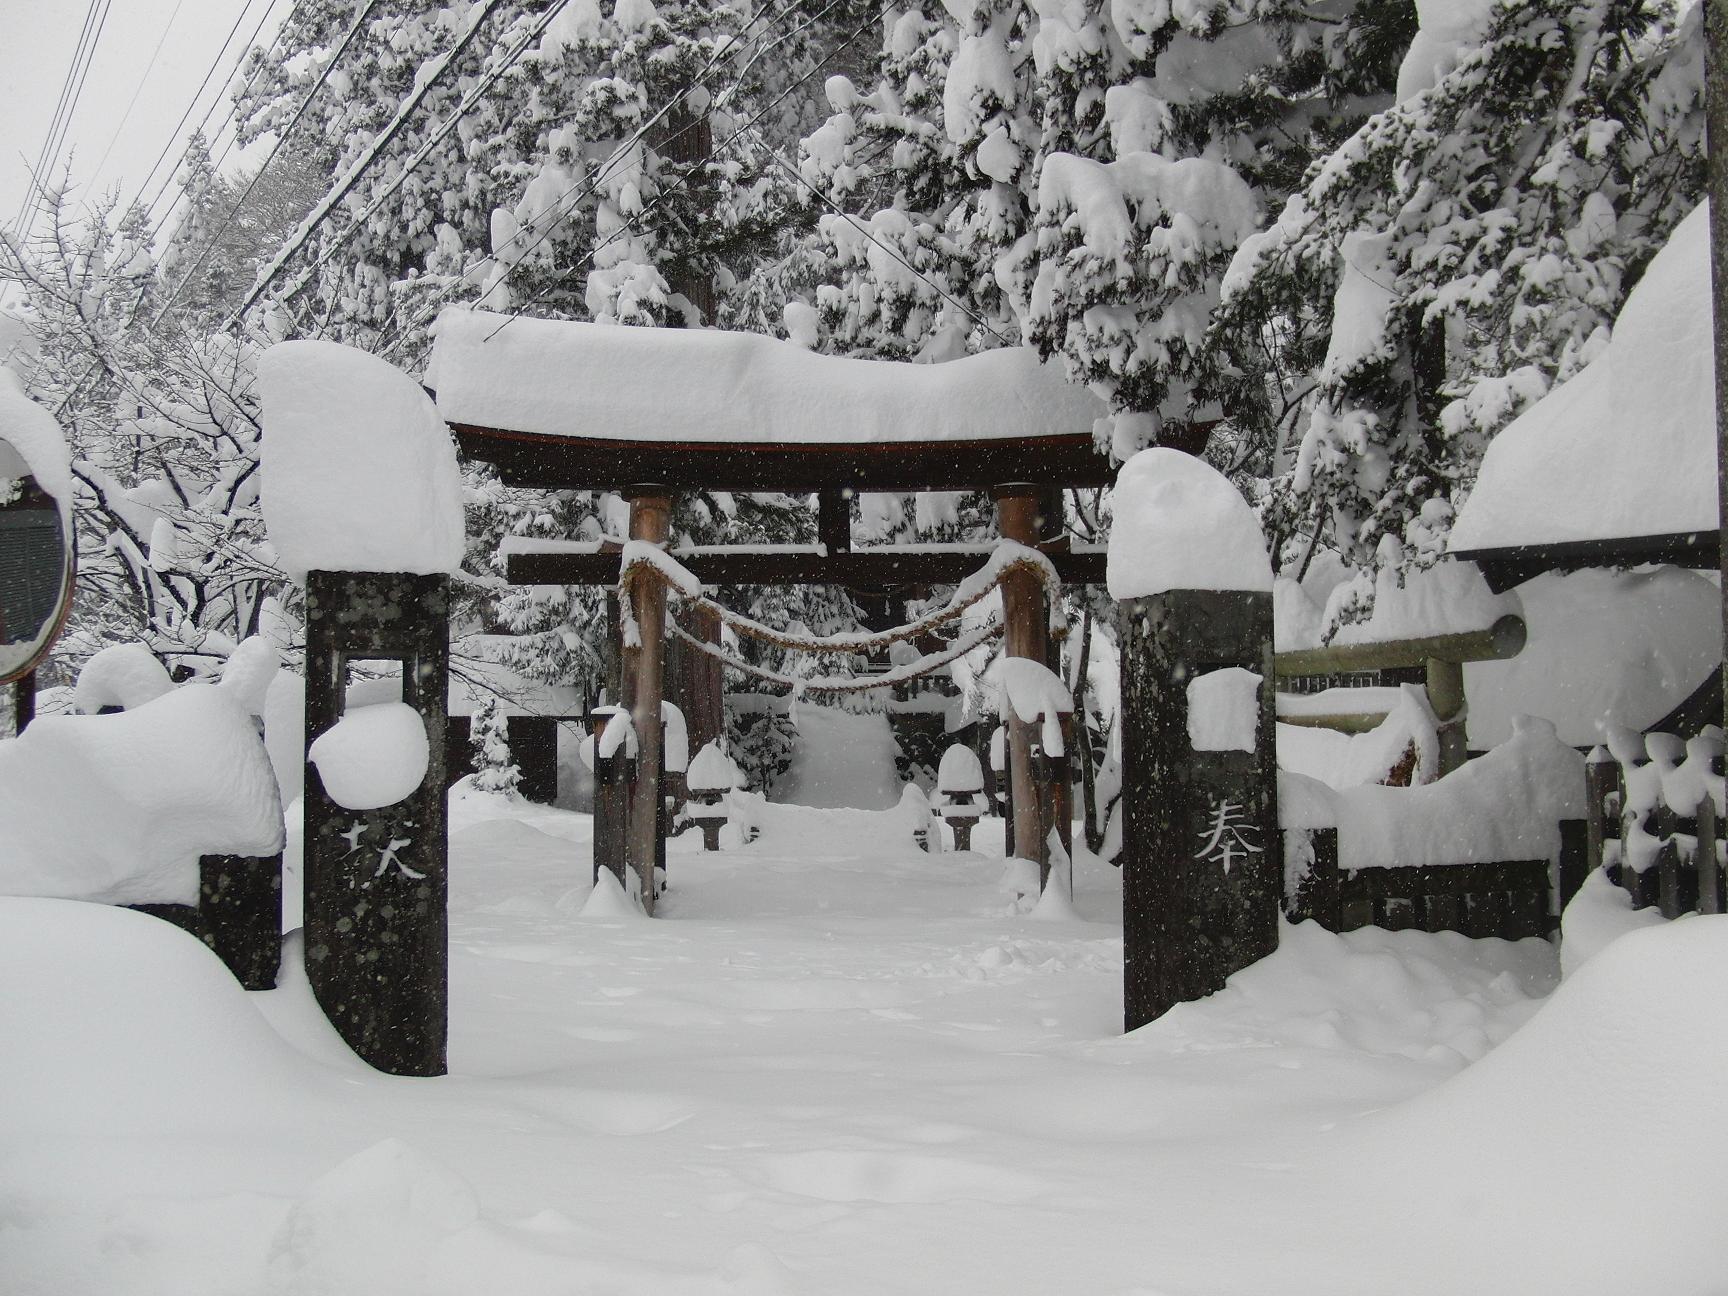 白馬と諏訪旅行2009年12月17日から20日 193